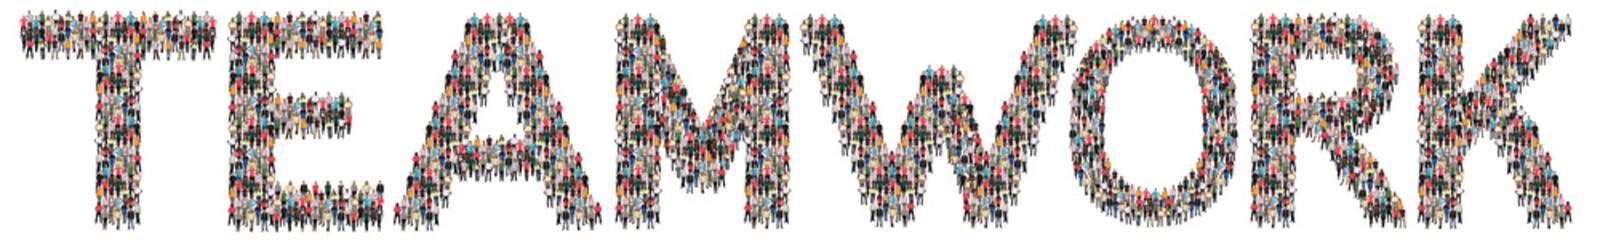 Teamwork Team Erfolg erfolgreich gemeinsam zusammen Leute Menschen People Gruppe Menschengruppe